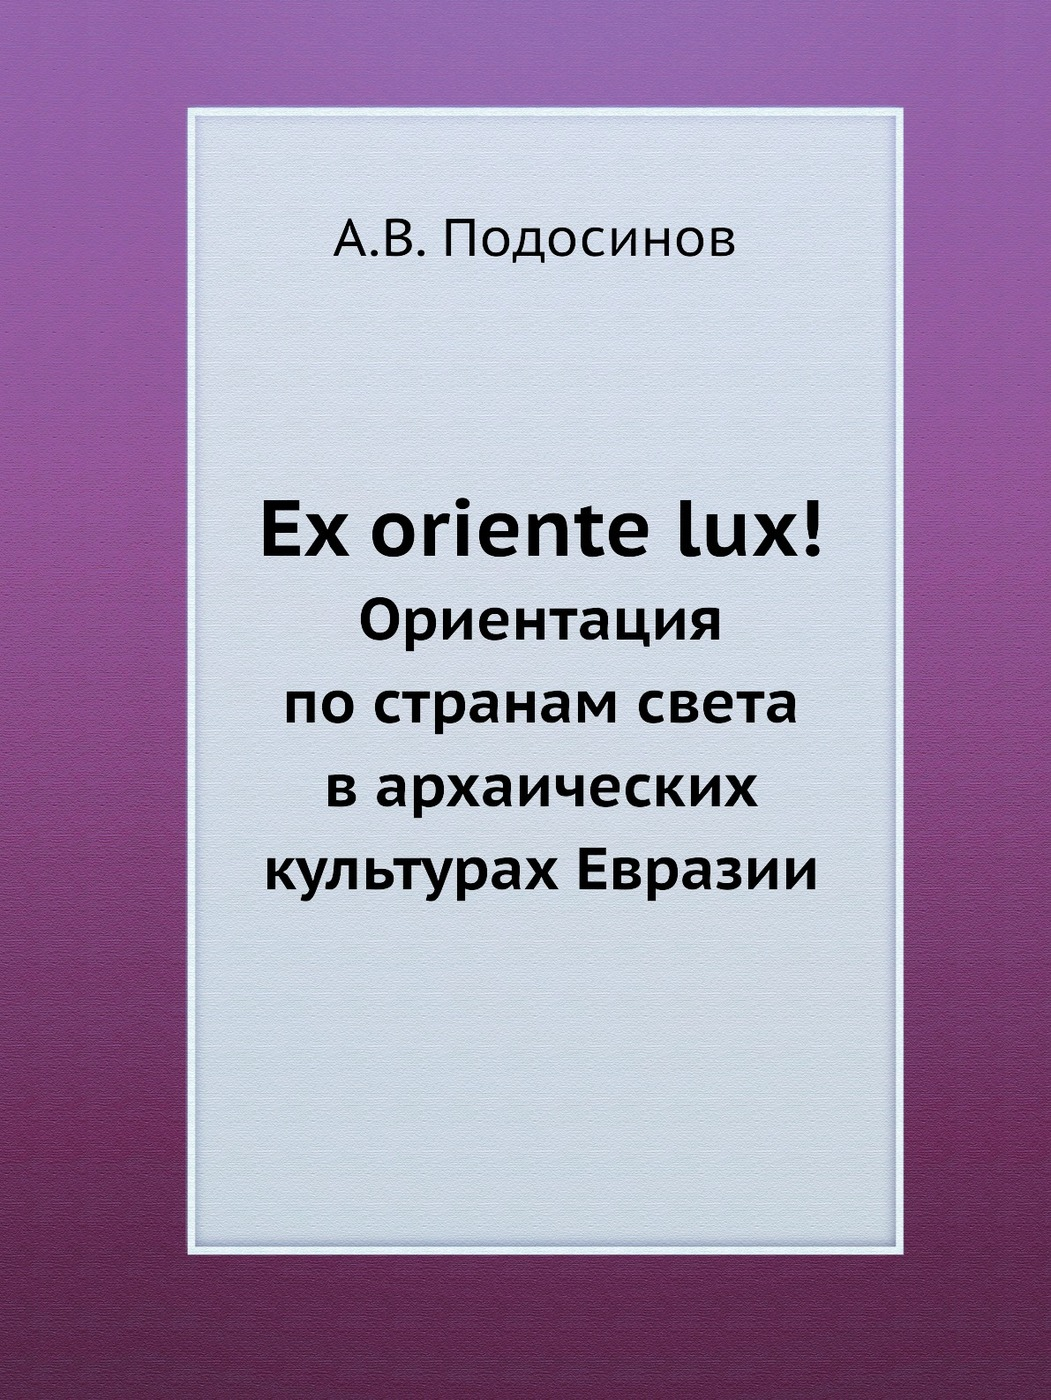 Ex oriente lux!. Ориентация по странам света в архаических культурах Евразии